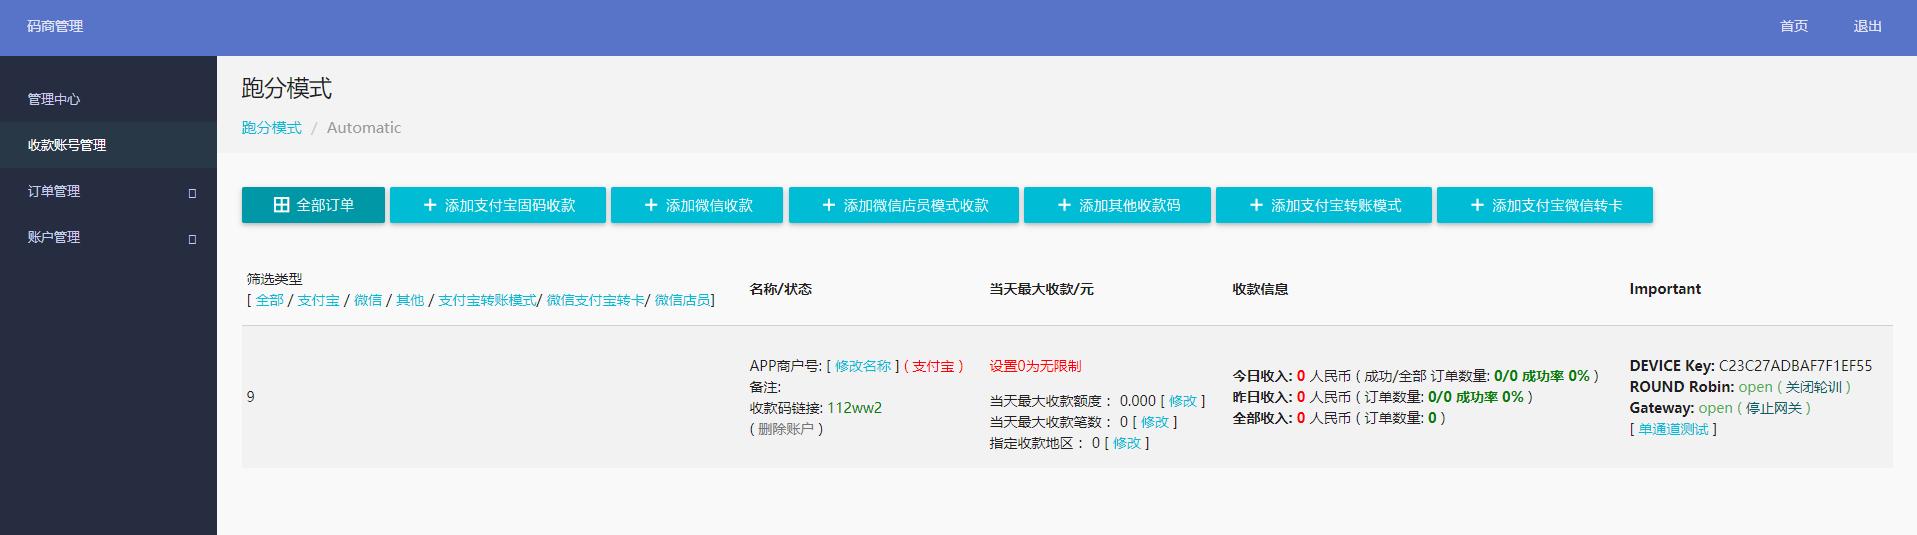 fastpay支付系统源码,,码商店员免监控挂机支付系统源码,代理+盘口插图3